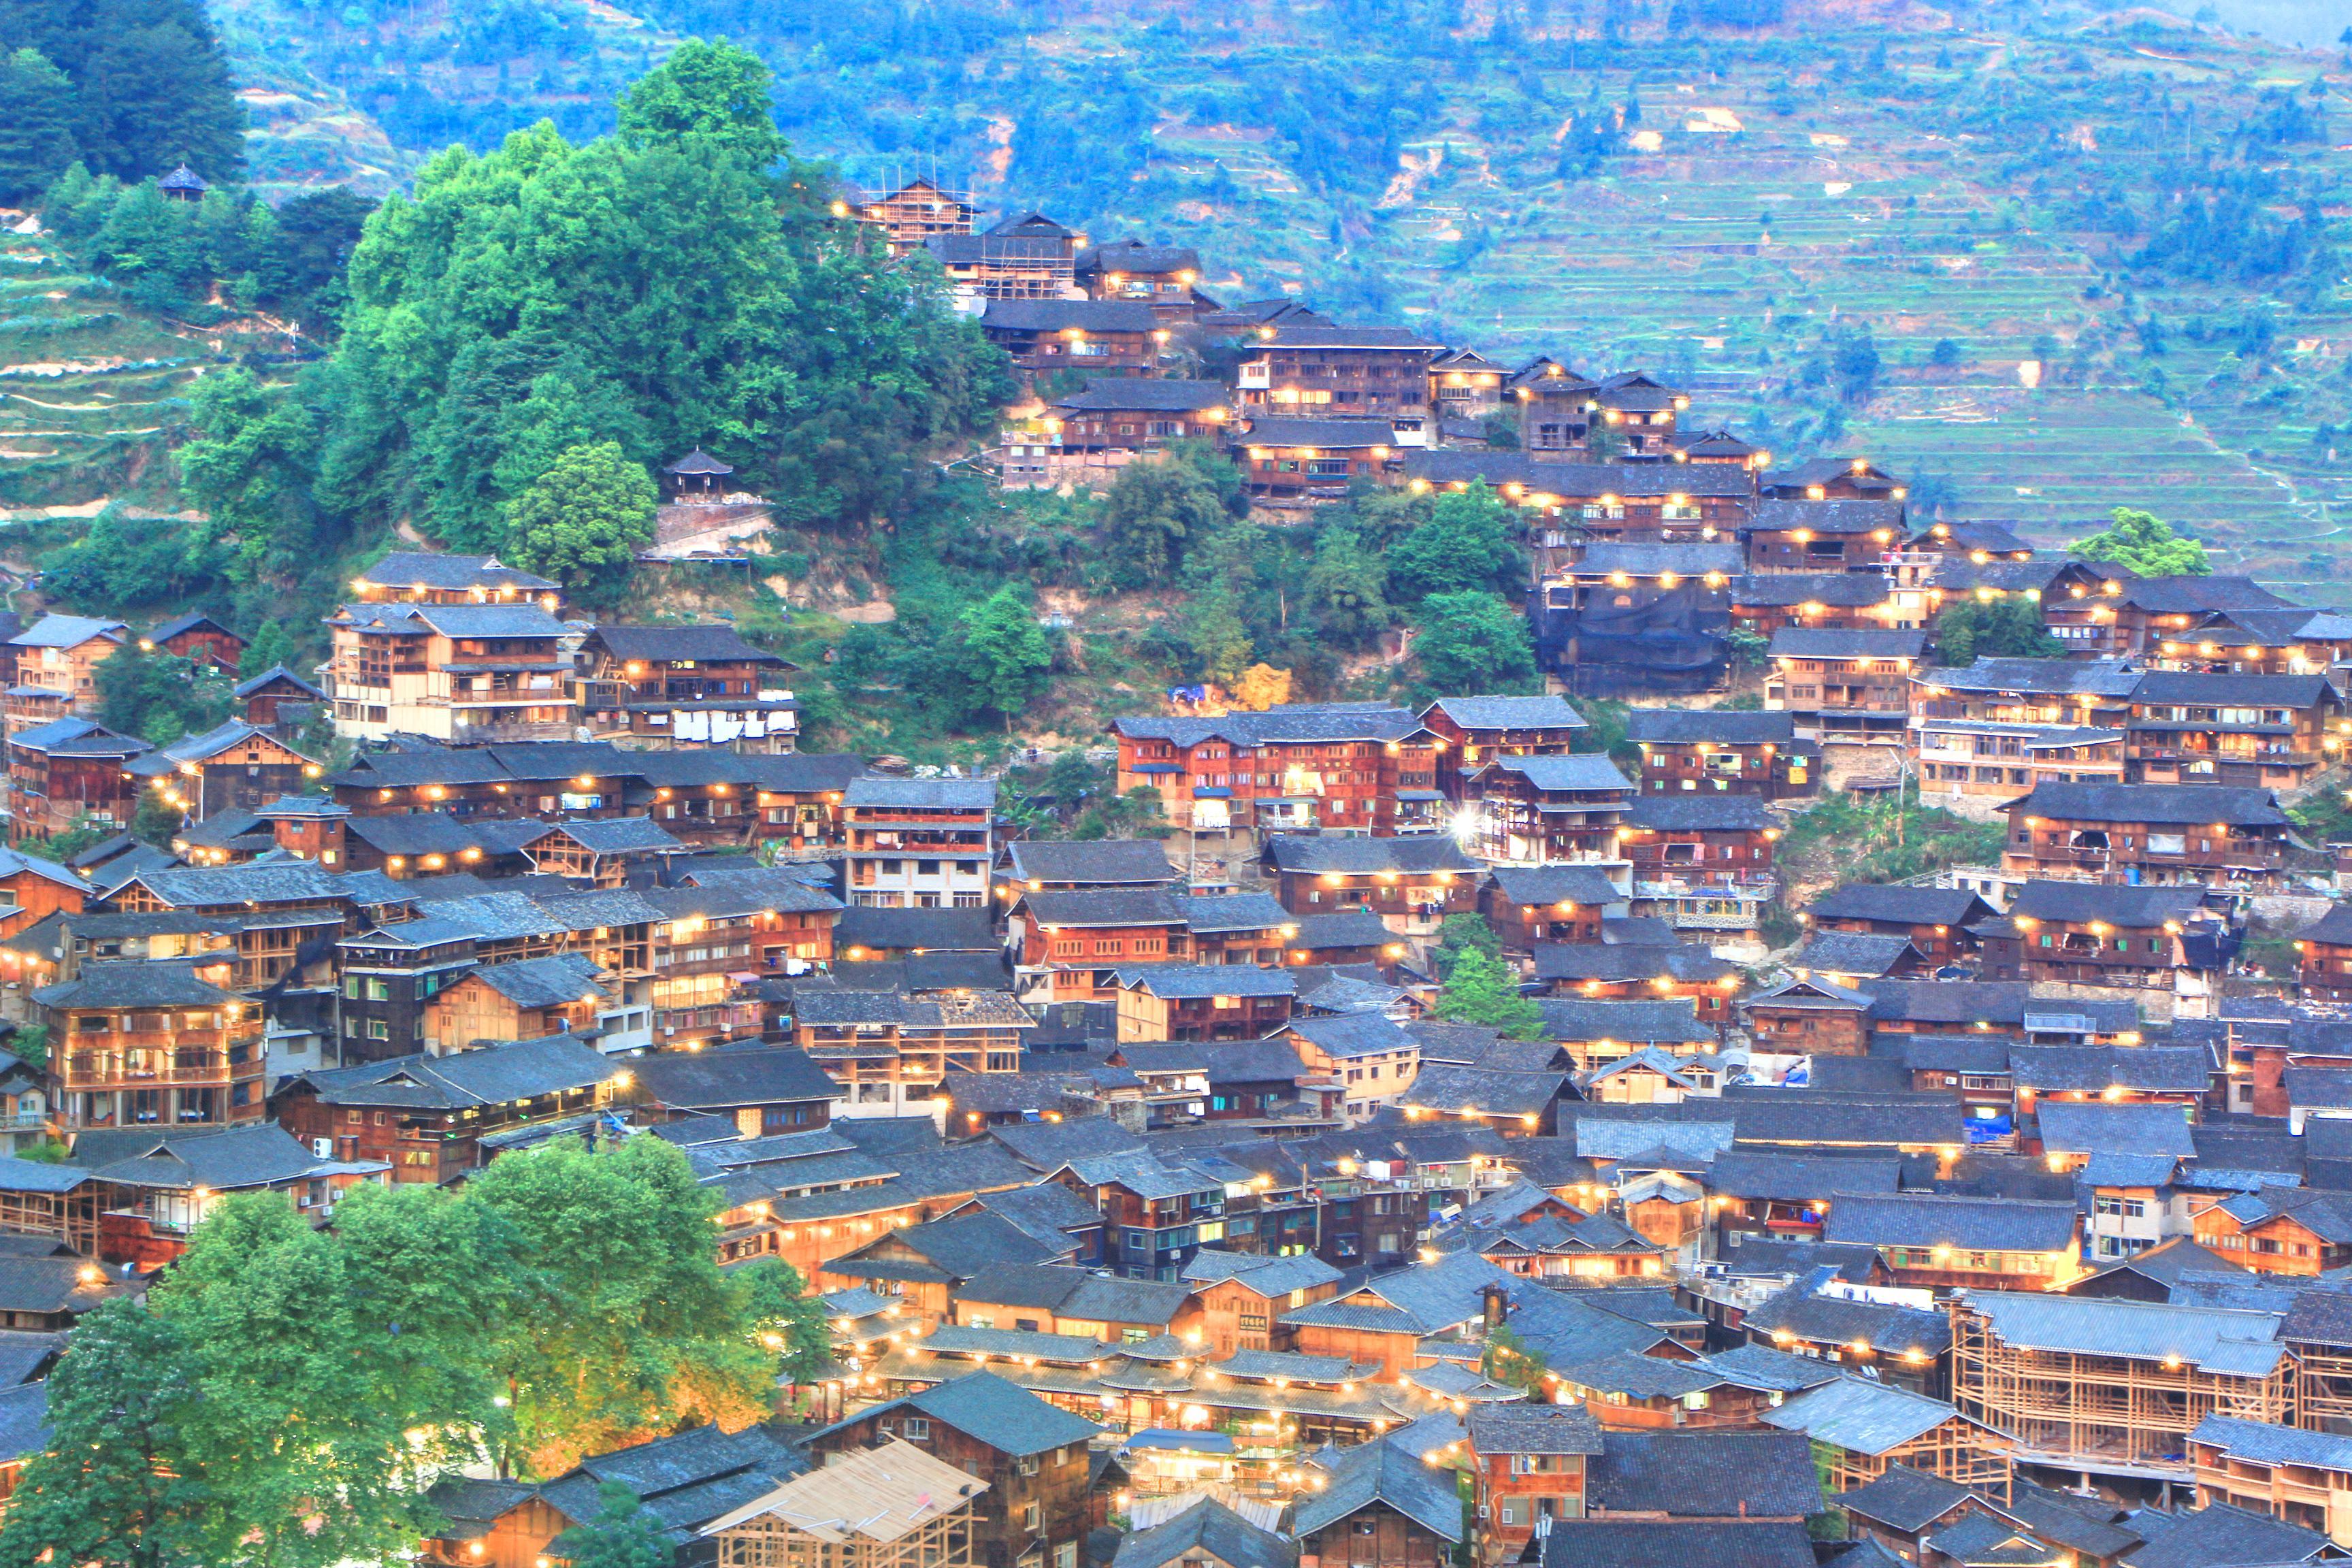 Xijiang Night View